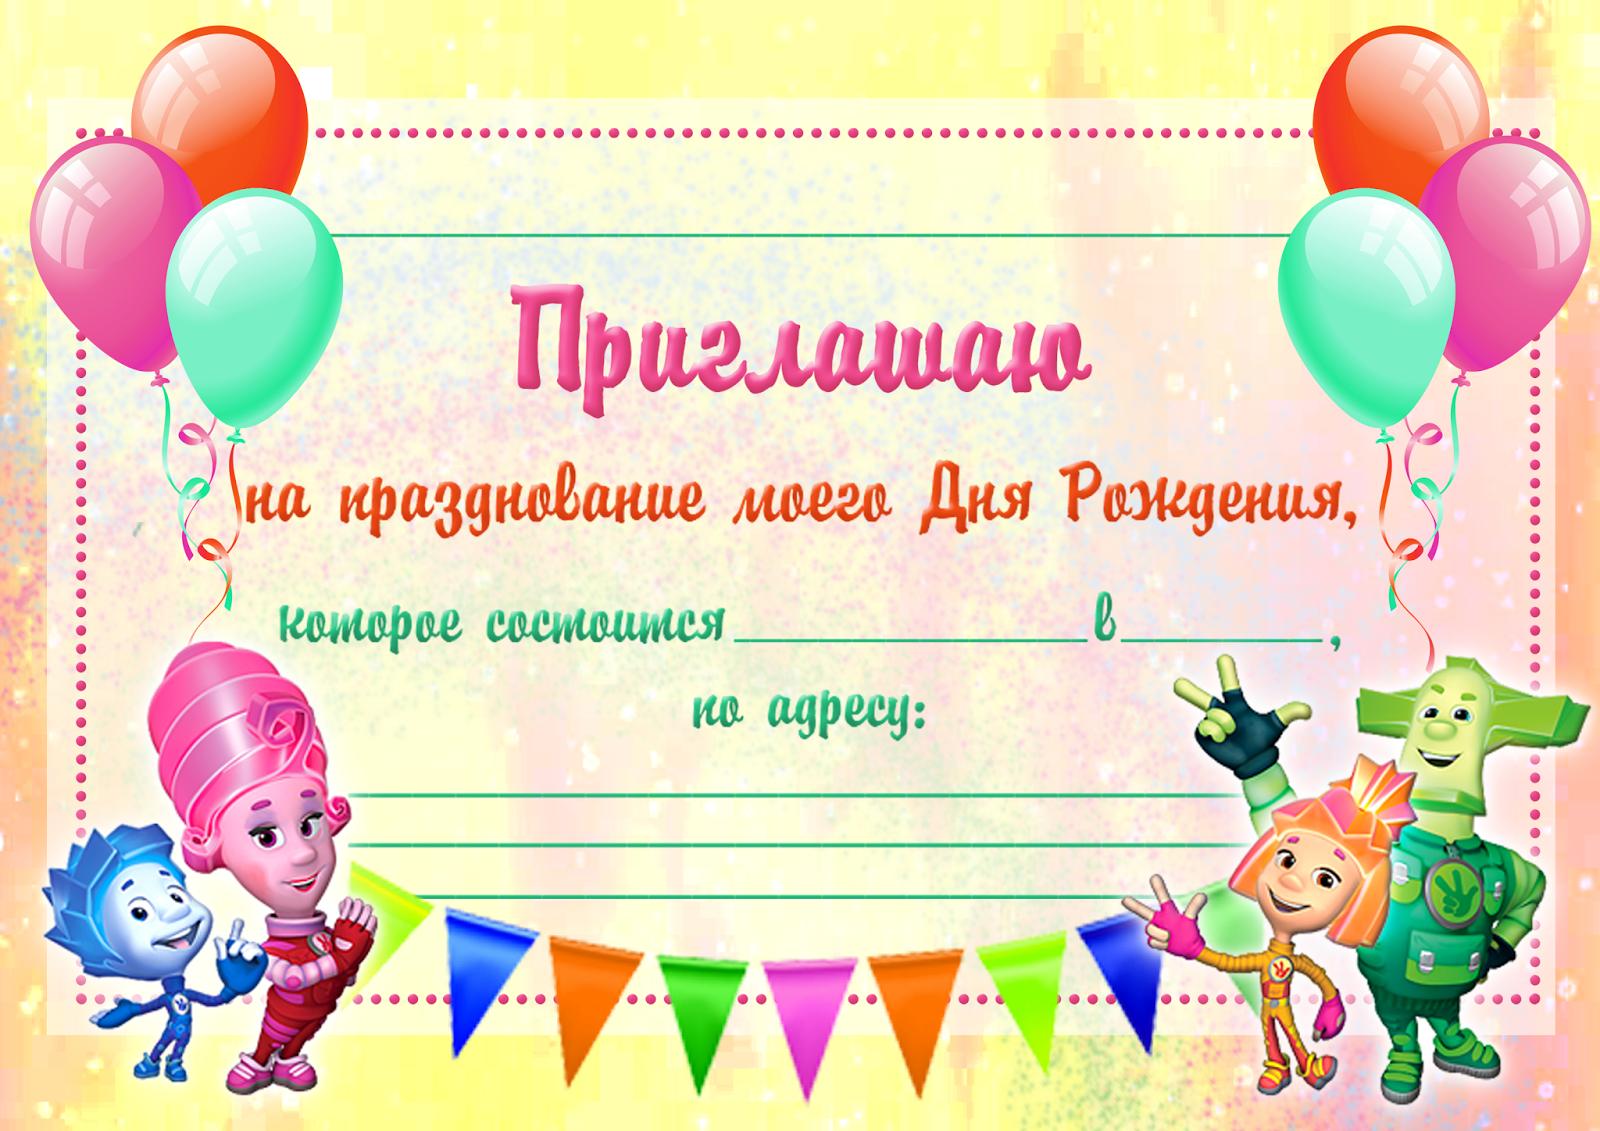 Картинки с приглашение на день рождения